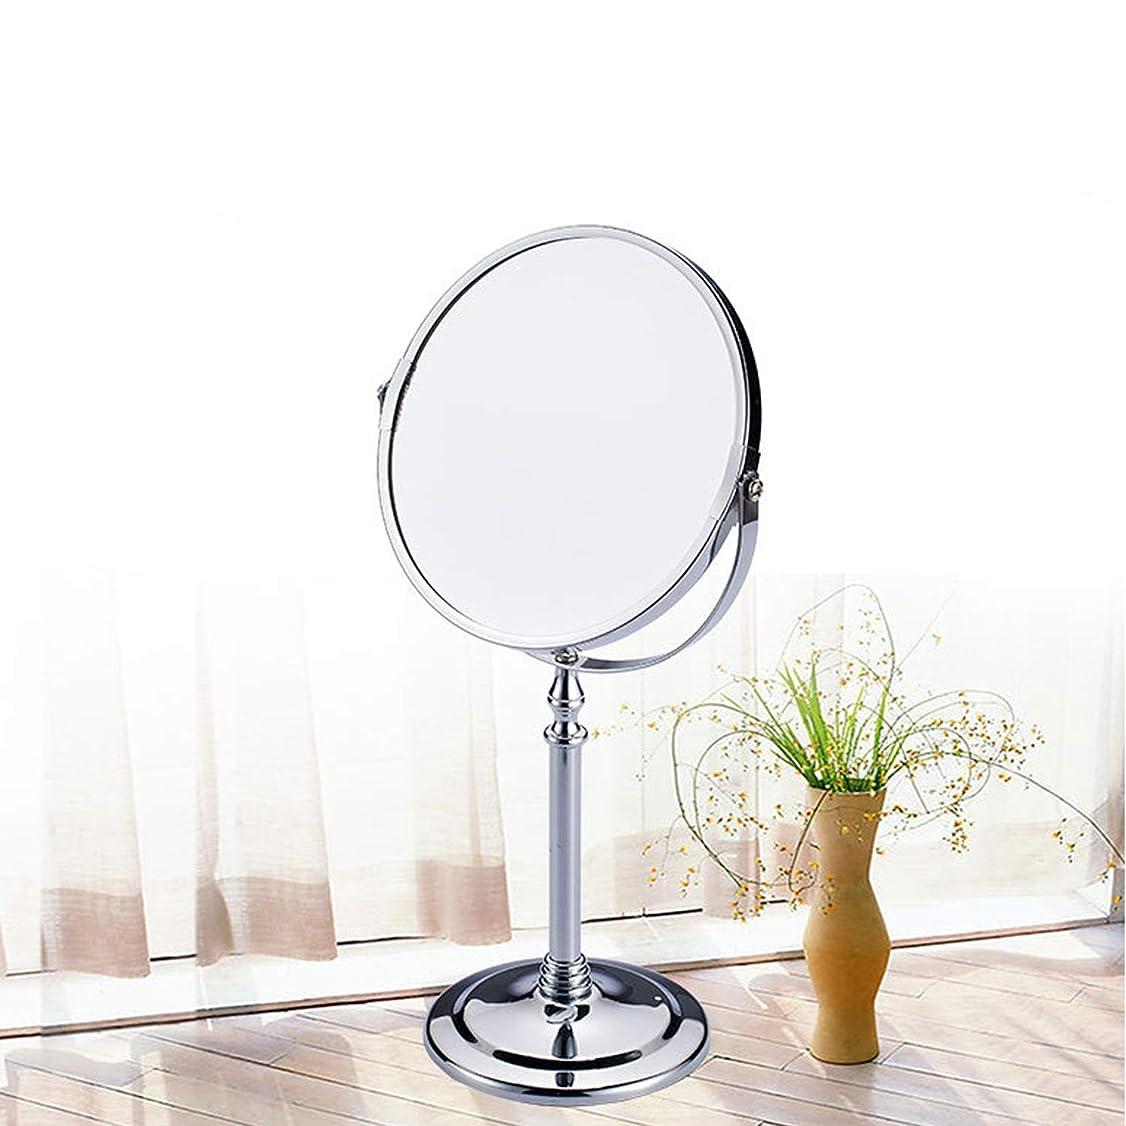 毎年評判グリース化粧镜,デスクトップ360度回転ミラー7インチ両面2倍hd美容ドレッシングテーブルミラーラウンドミラーシンプルなデザインフレーム化粧道具,鏡 折りたたみ